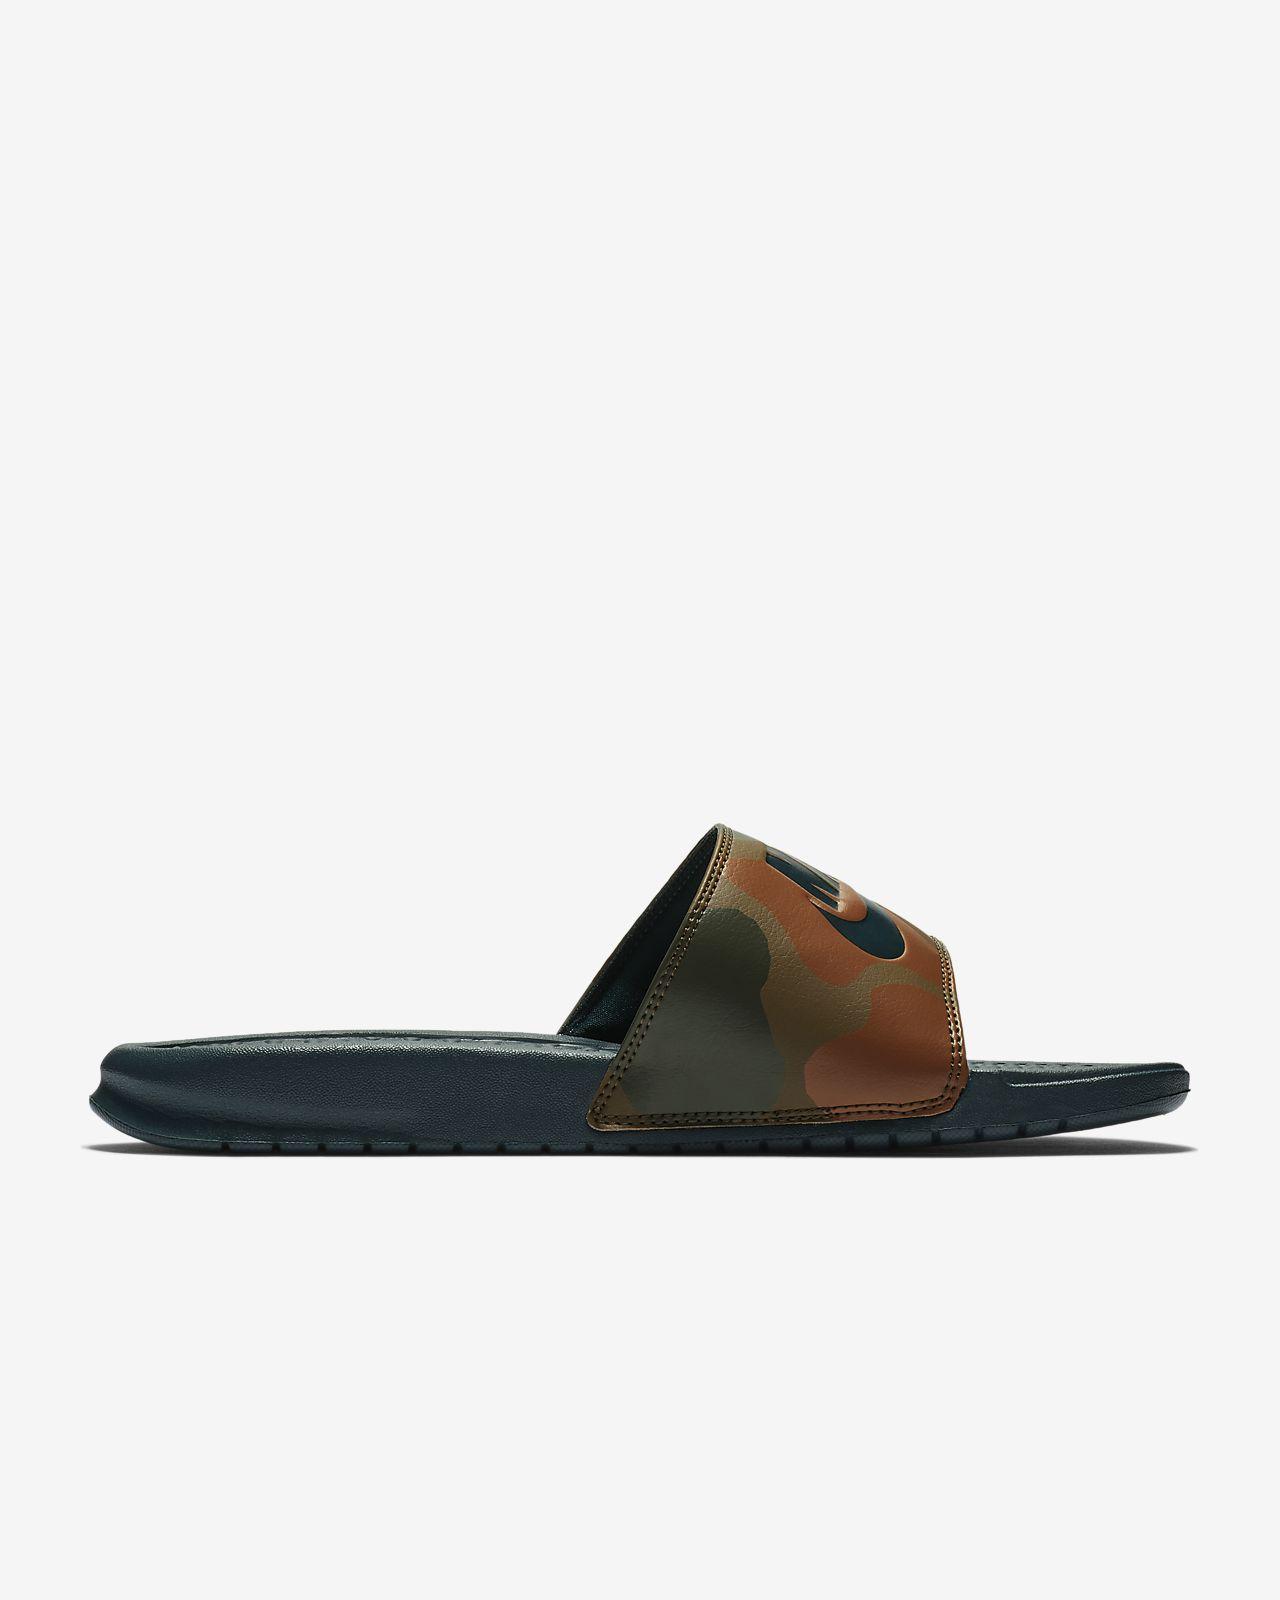 innovative design 55fcc b8ce2 ... Nike Benassi JDI Printed Men s Slide